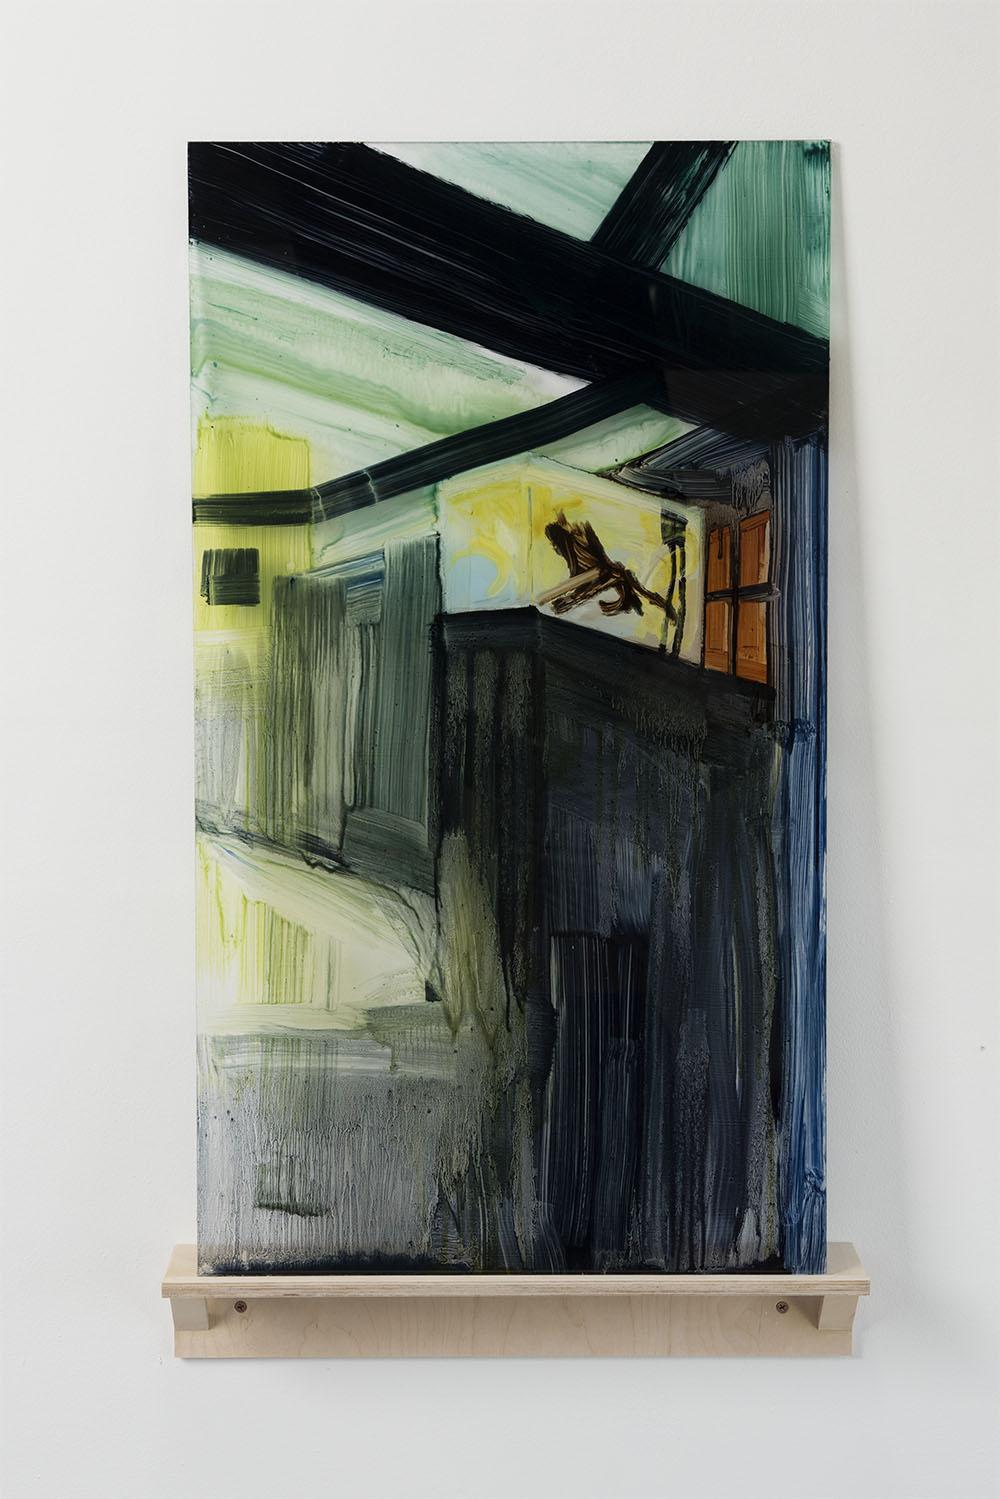 Entender um aquário    2015  óleo sobre acrílico, prateleira de bétula  Pintura 82 x 46 x 0.64 cm., prateleira 10 x 51 x 9 cm.   ⬜     To know an aquarium    2015  Oil paint on plexiglass, artist-made birch shelf  32'' x 18'' x 0.25'' plexi, 4'' x 20'' x 3.5'' shelf